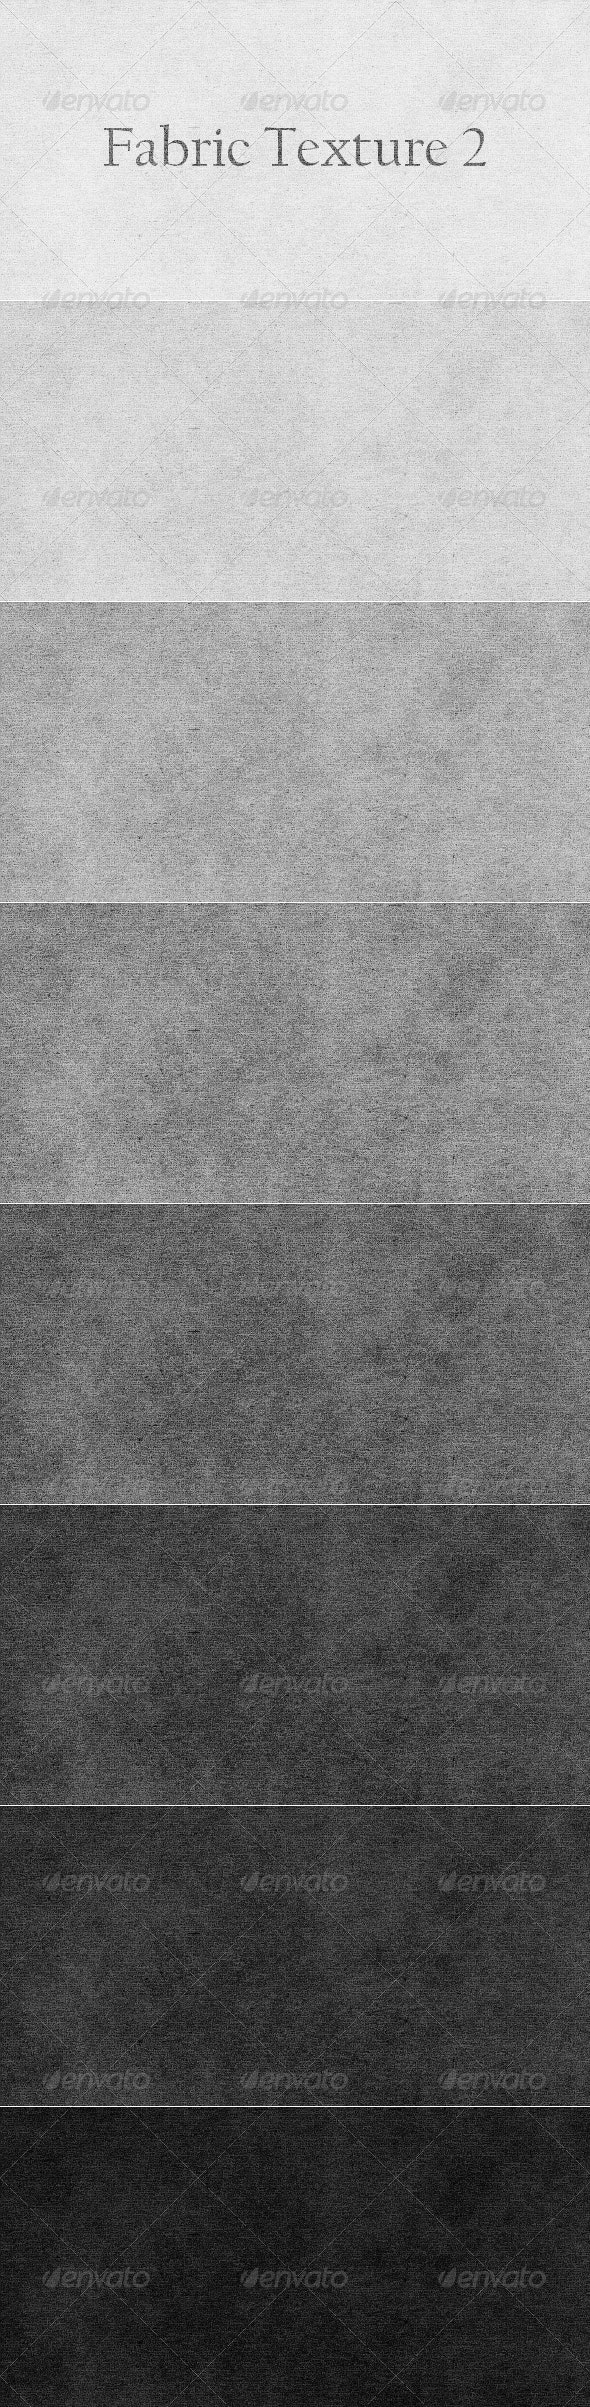 Fabric Texture 2 - Fabric Textures